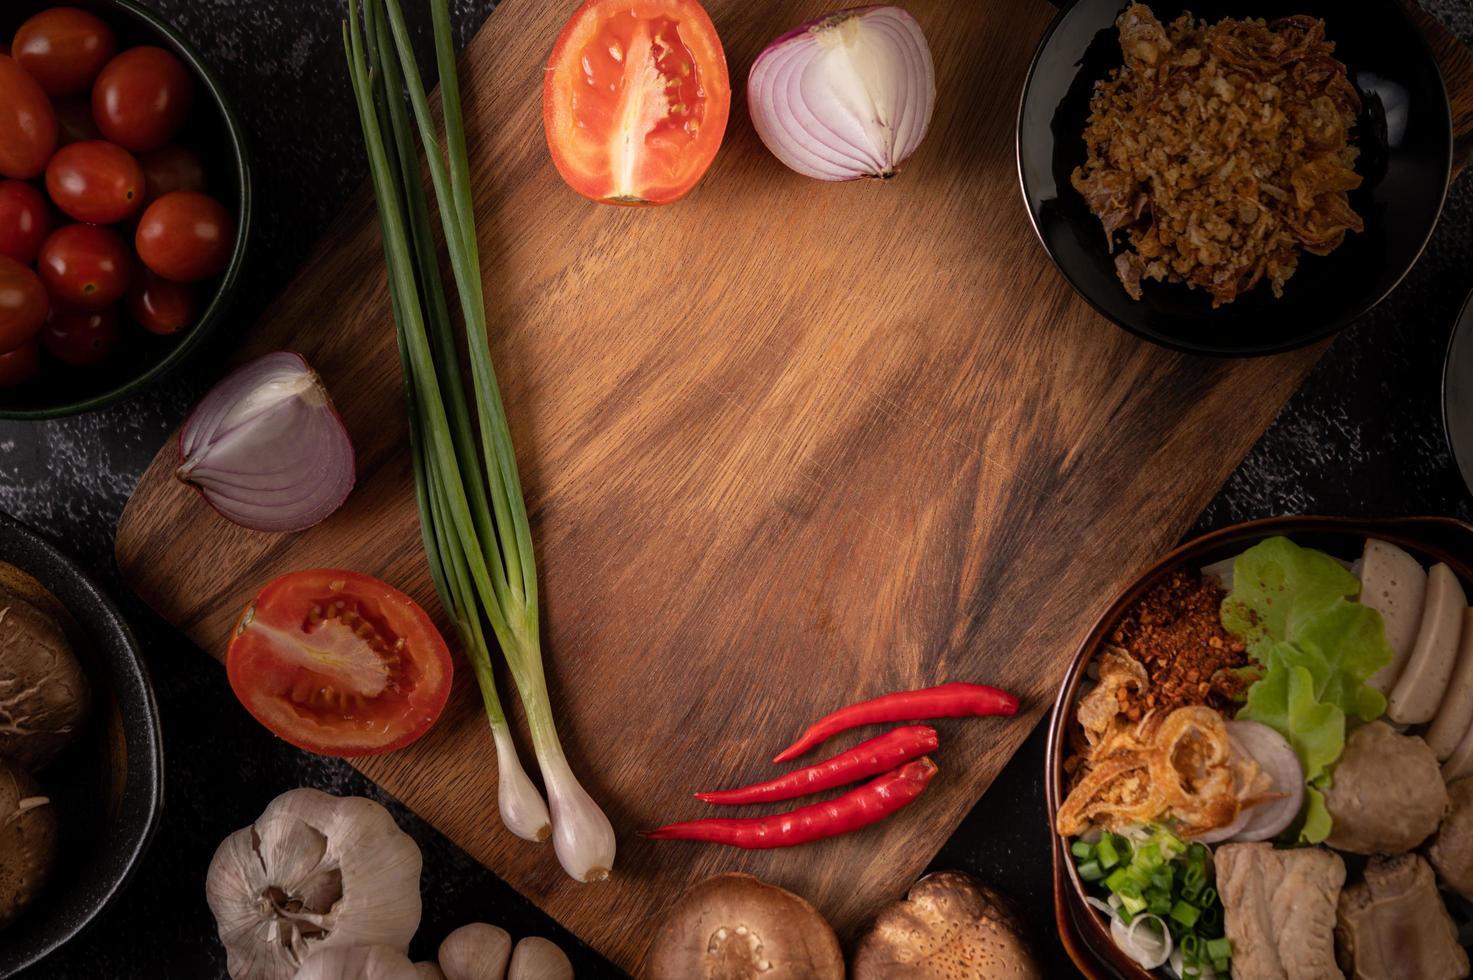 scalogno, peperoni, aglio e funghi shiitake su una tavola di legno foto